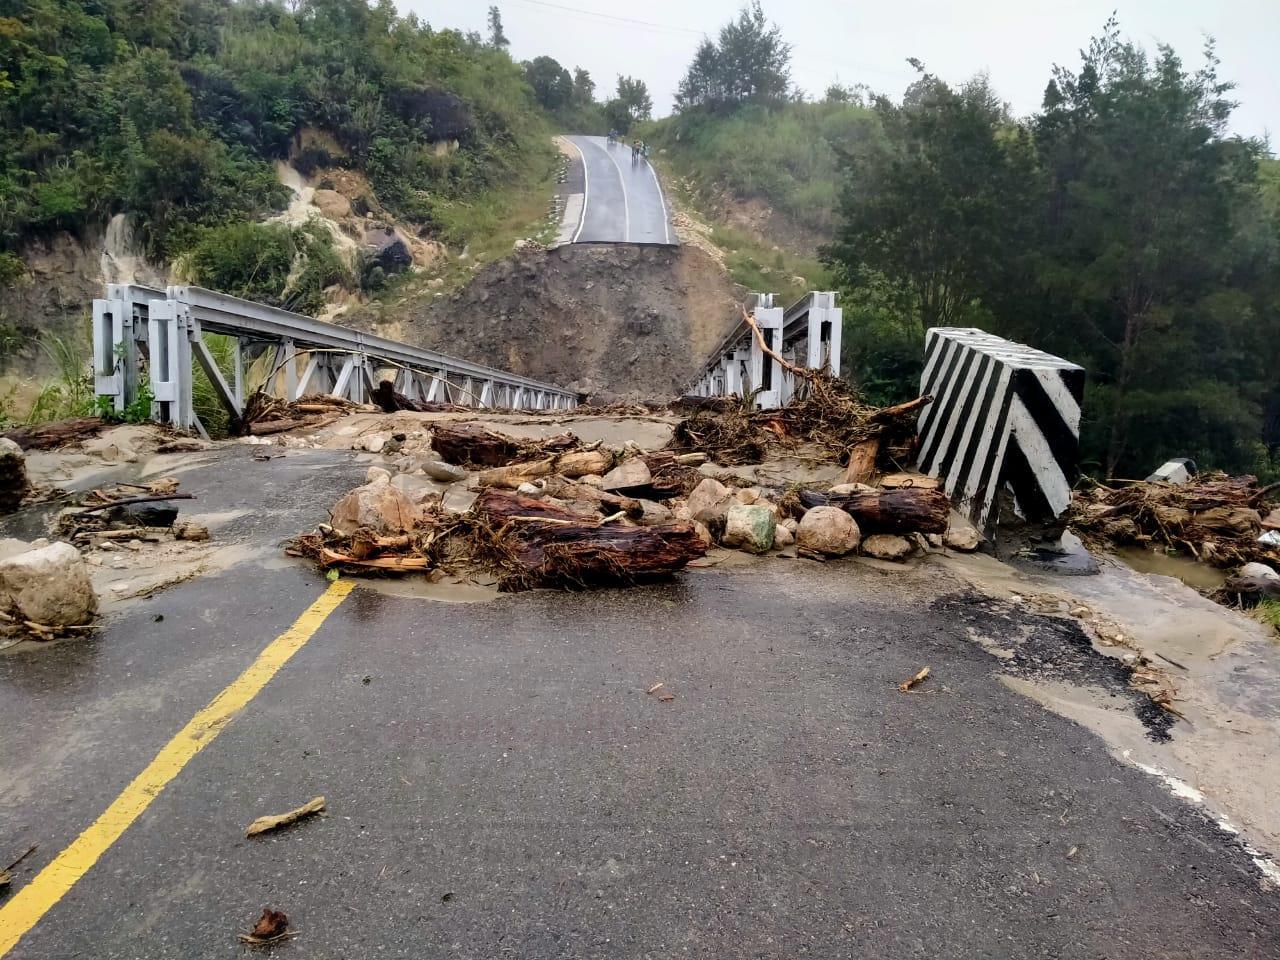 Pasca Banjir Bandang di Yalimo, PLN Lakukan Pemadaman Bergilir Selama Enam Hari Kedepan 4 IMG 20210223 WA0076